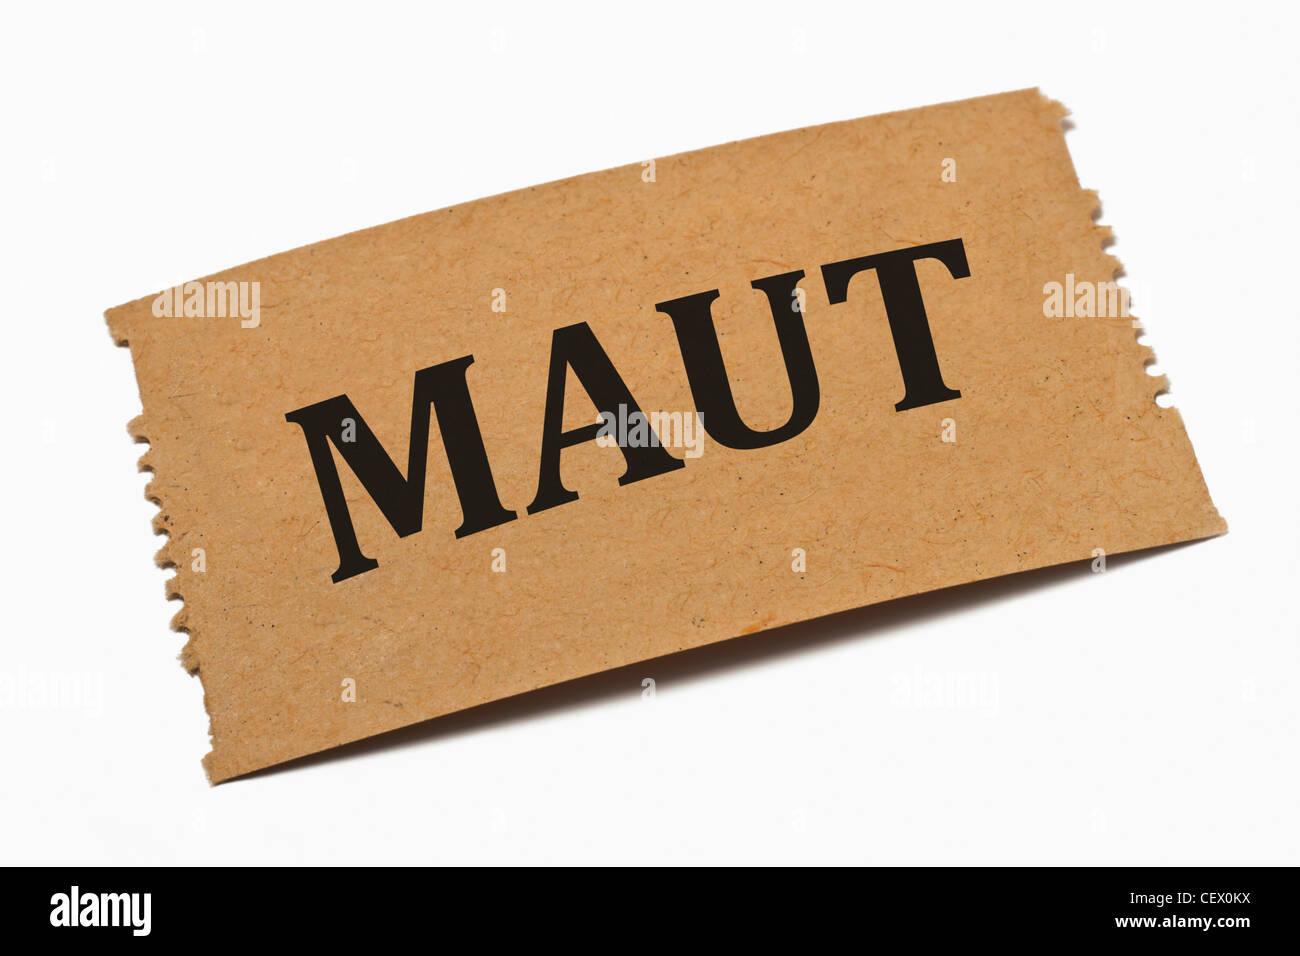 Detailansicht einer Karte aus Papier mit der Aufschrift Maut | Detail photo of a paper card with the inscription - Stock Image